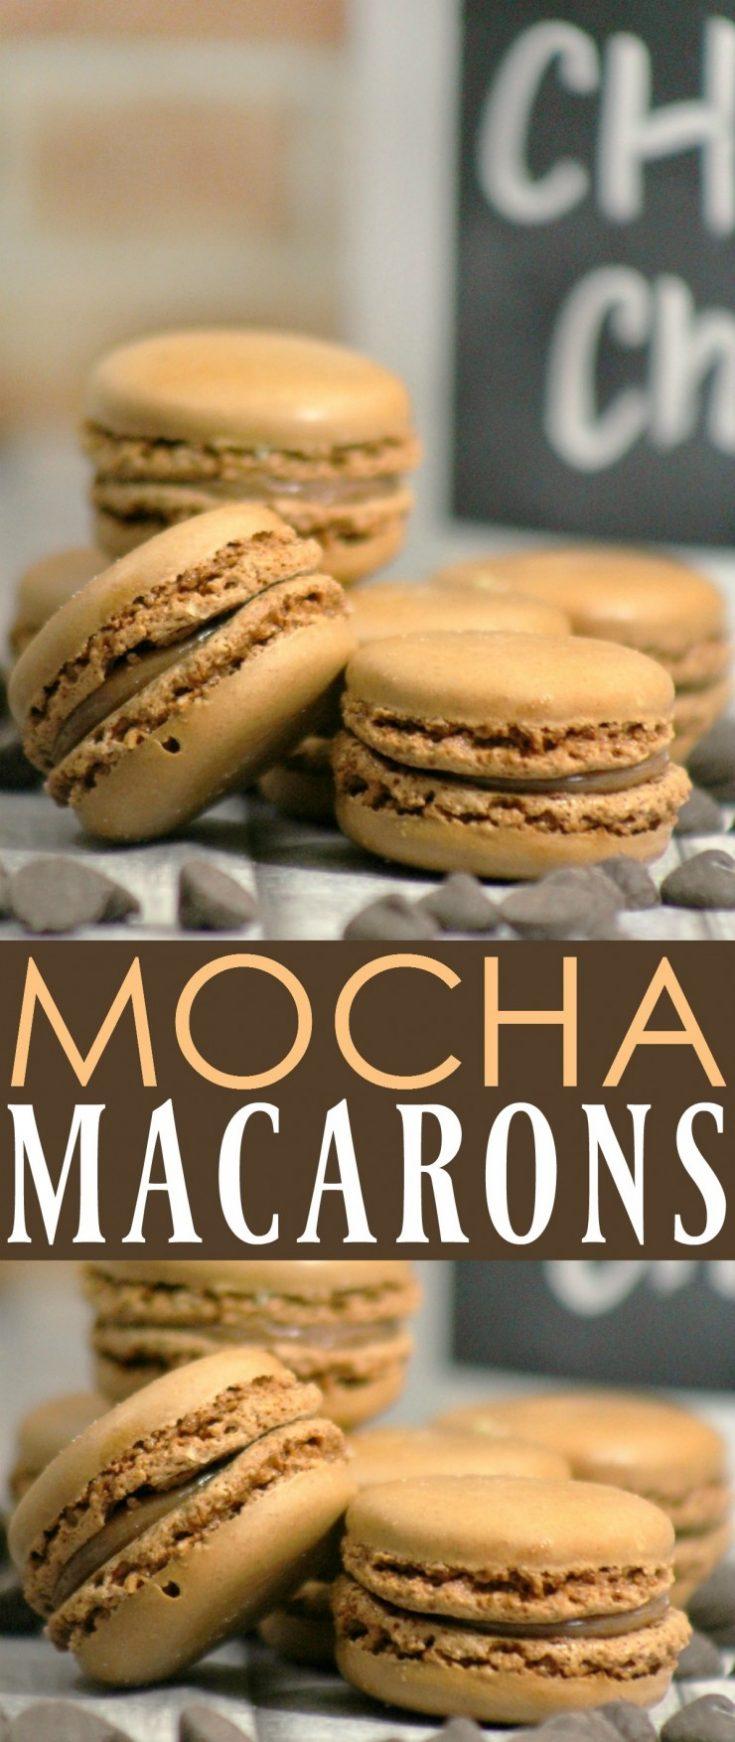 Mocha Macarons